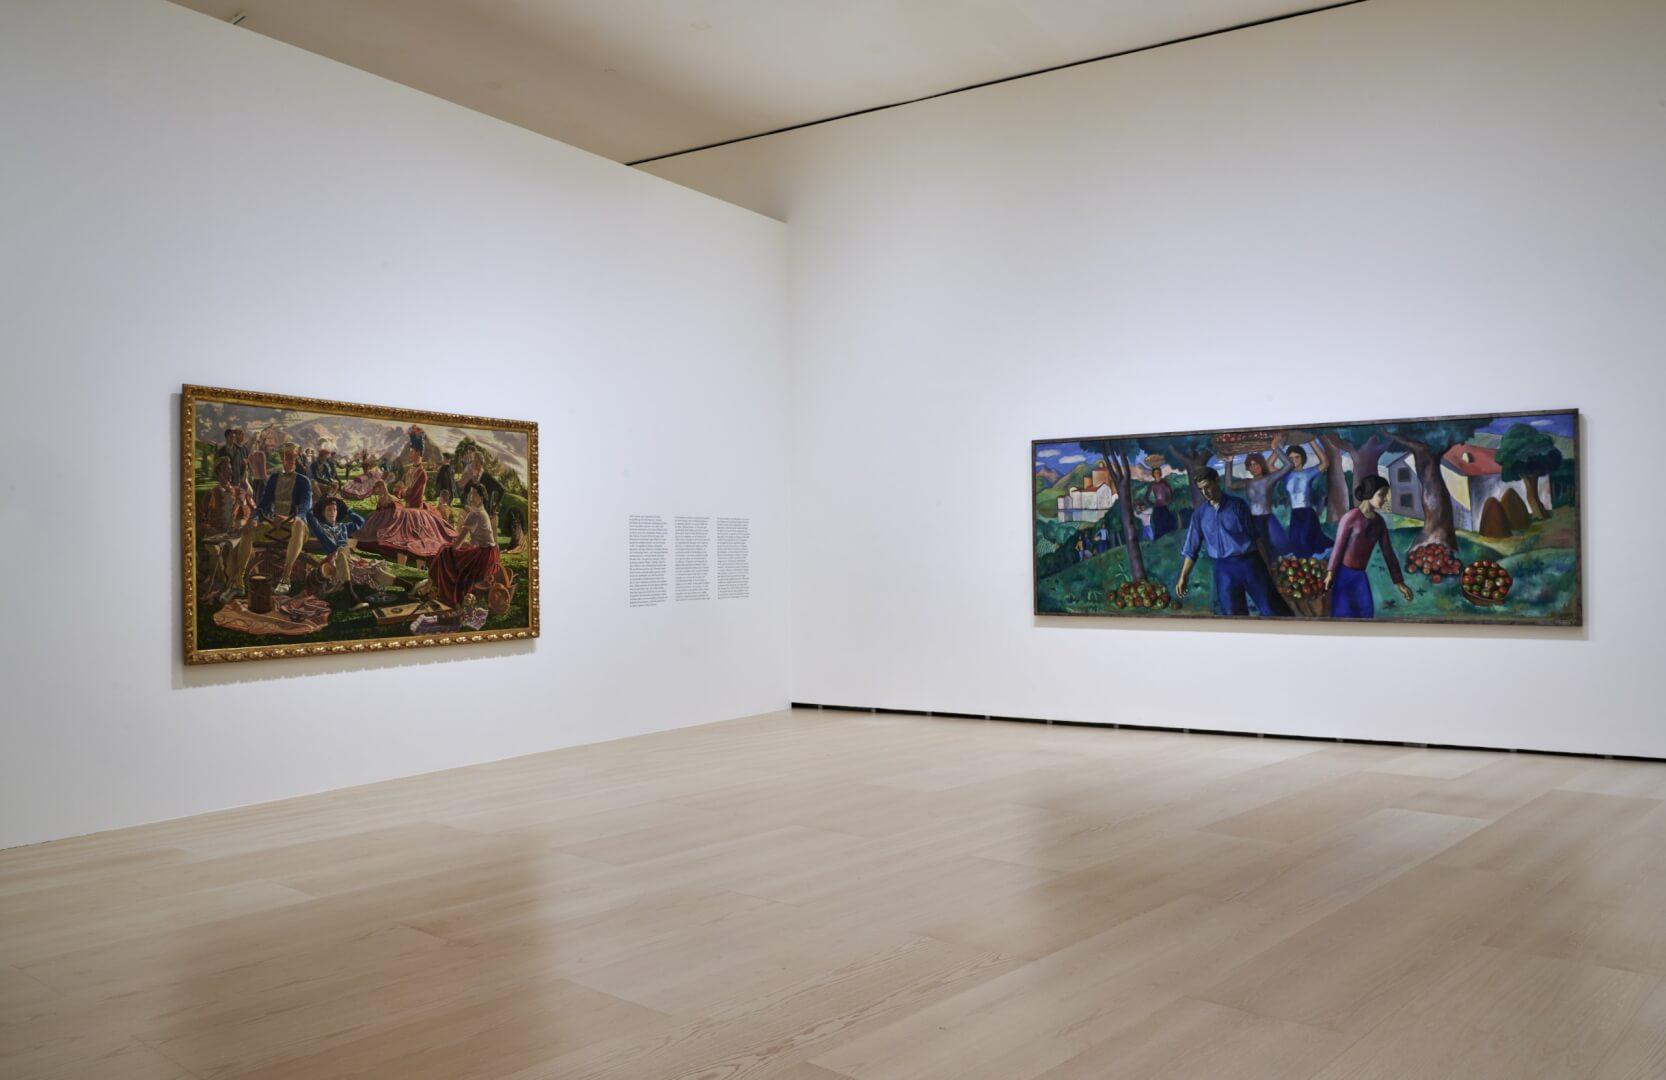 La exposición nos acerca al Bilbao de 1800